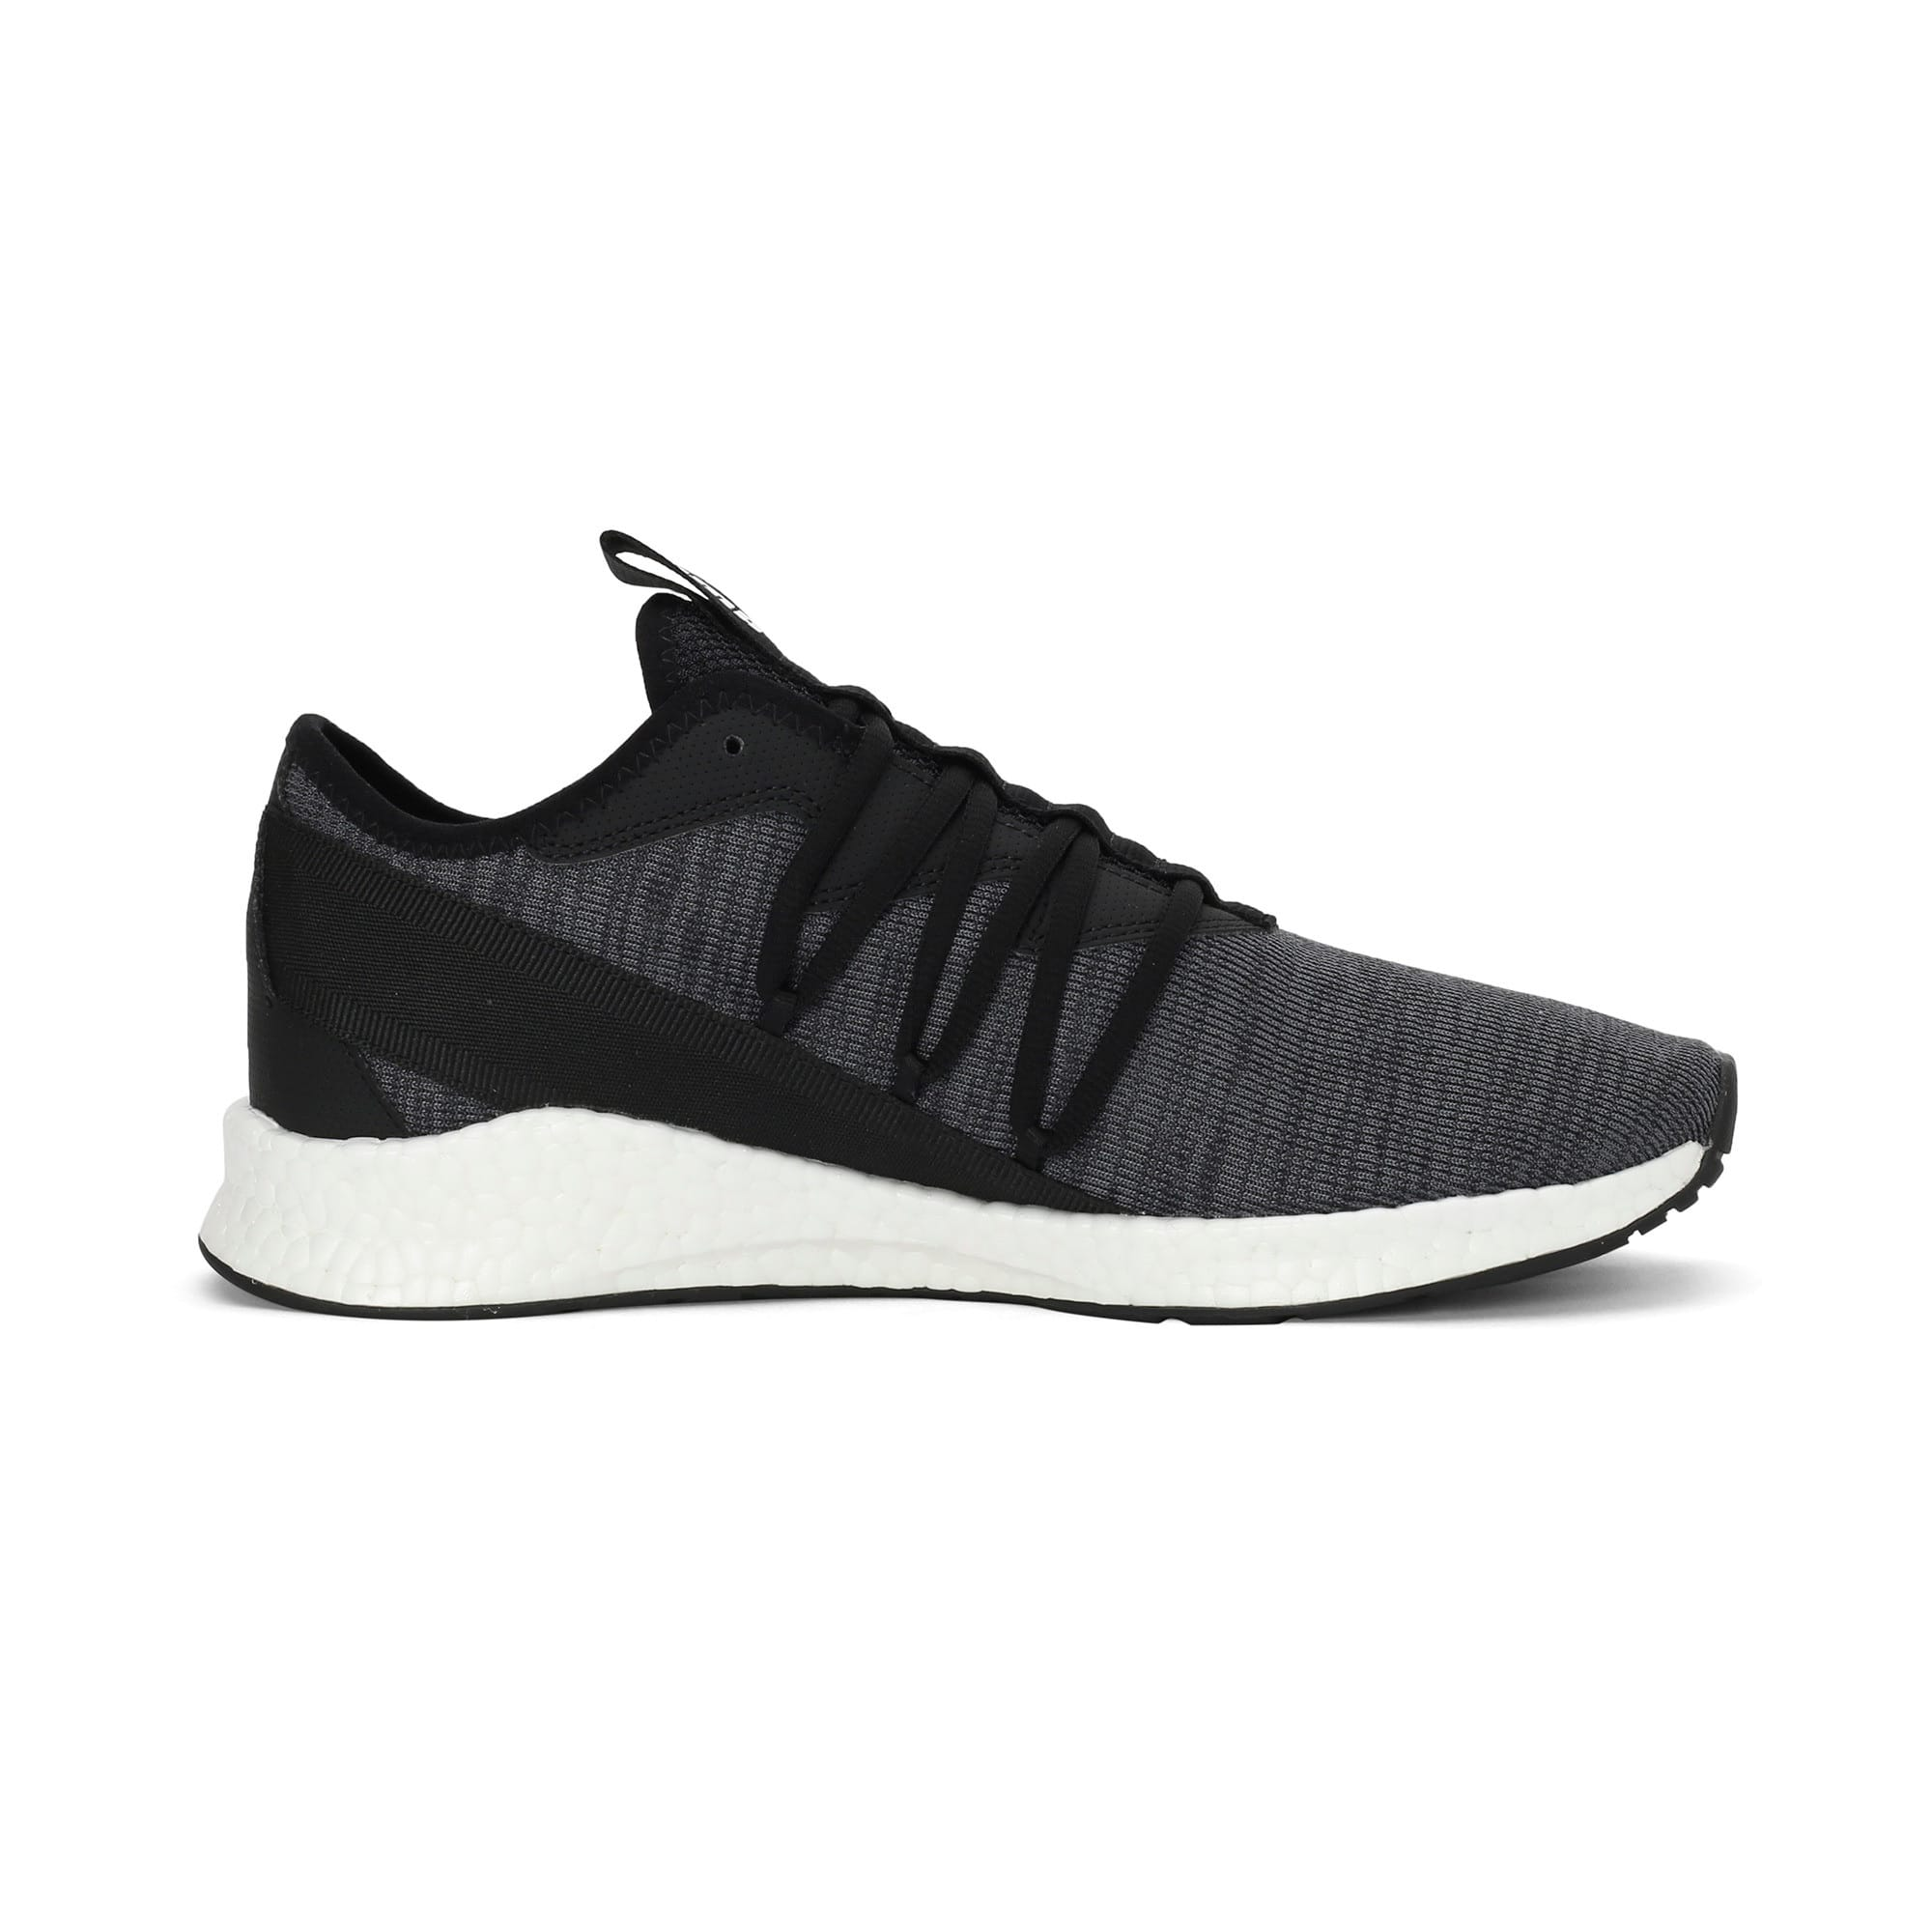 Thumbnail 5 of NRGY Star Knit one8 Unisex Running Shoes, Puma Black-Puma White, medium-IND